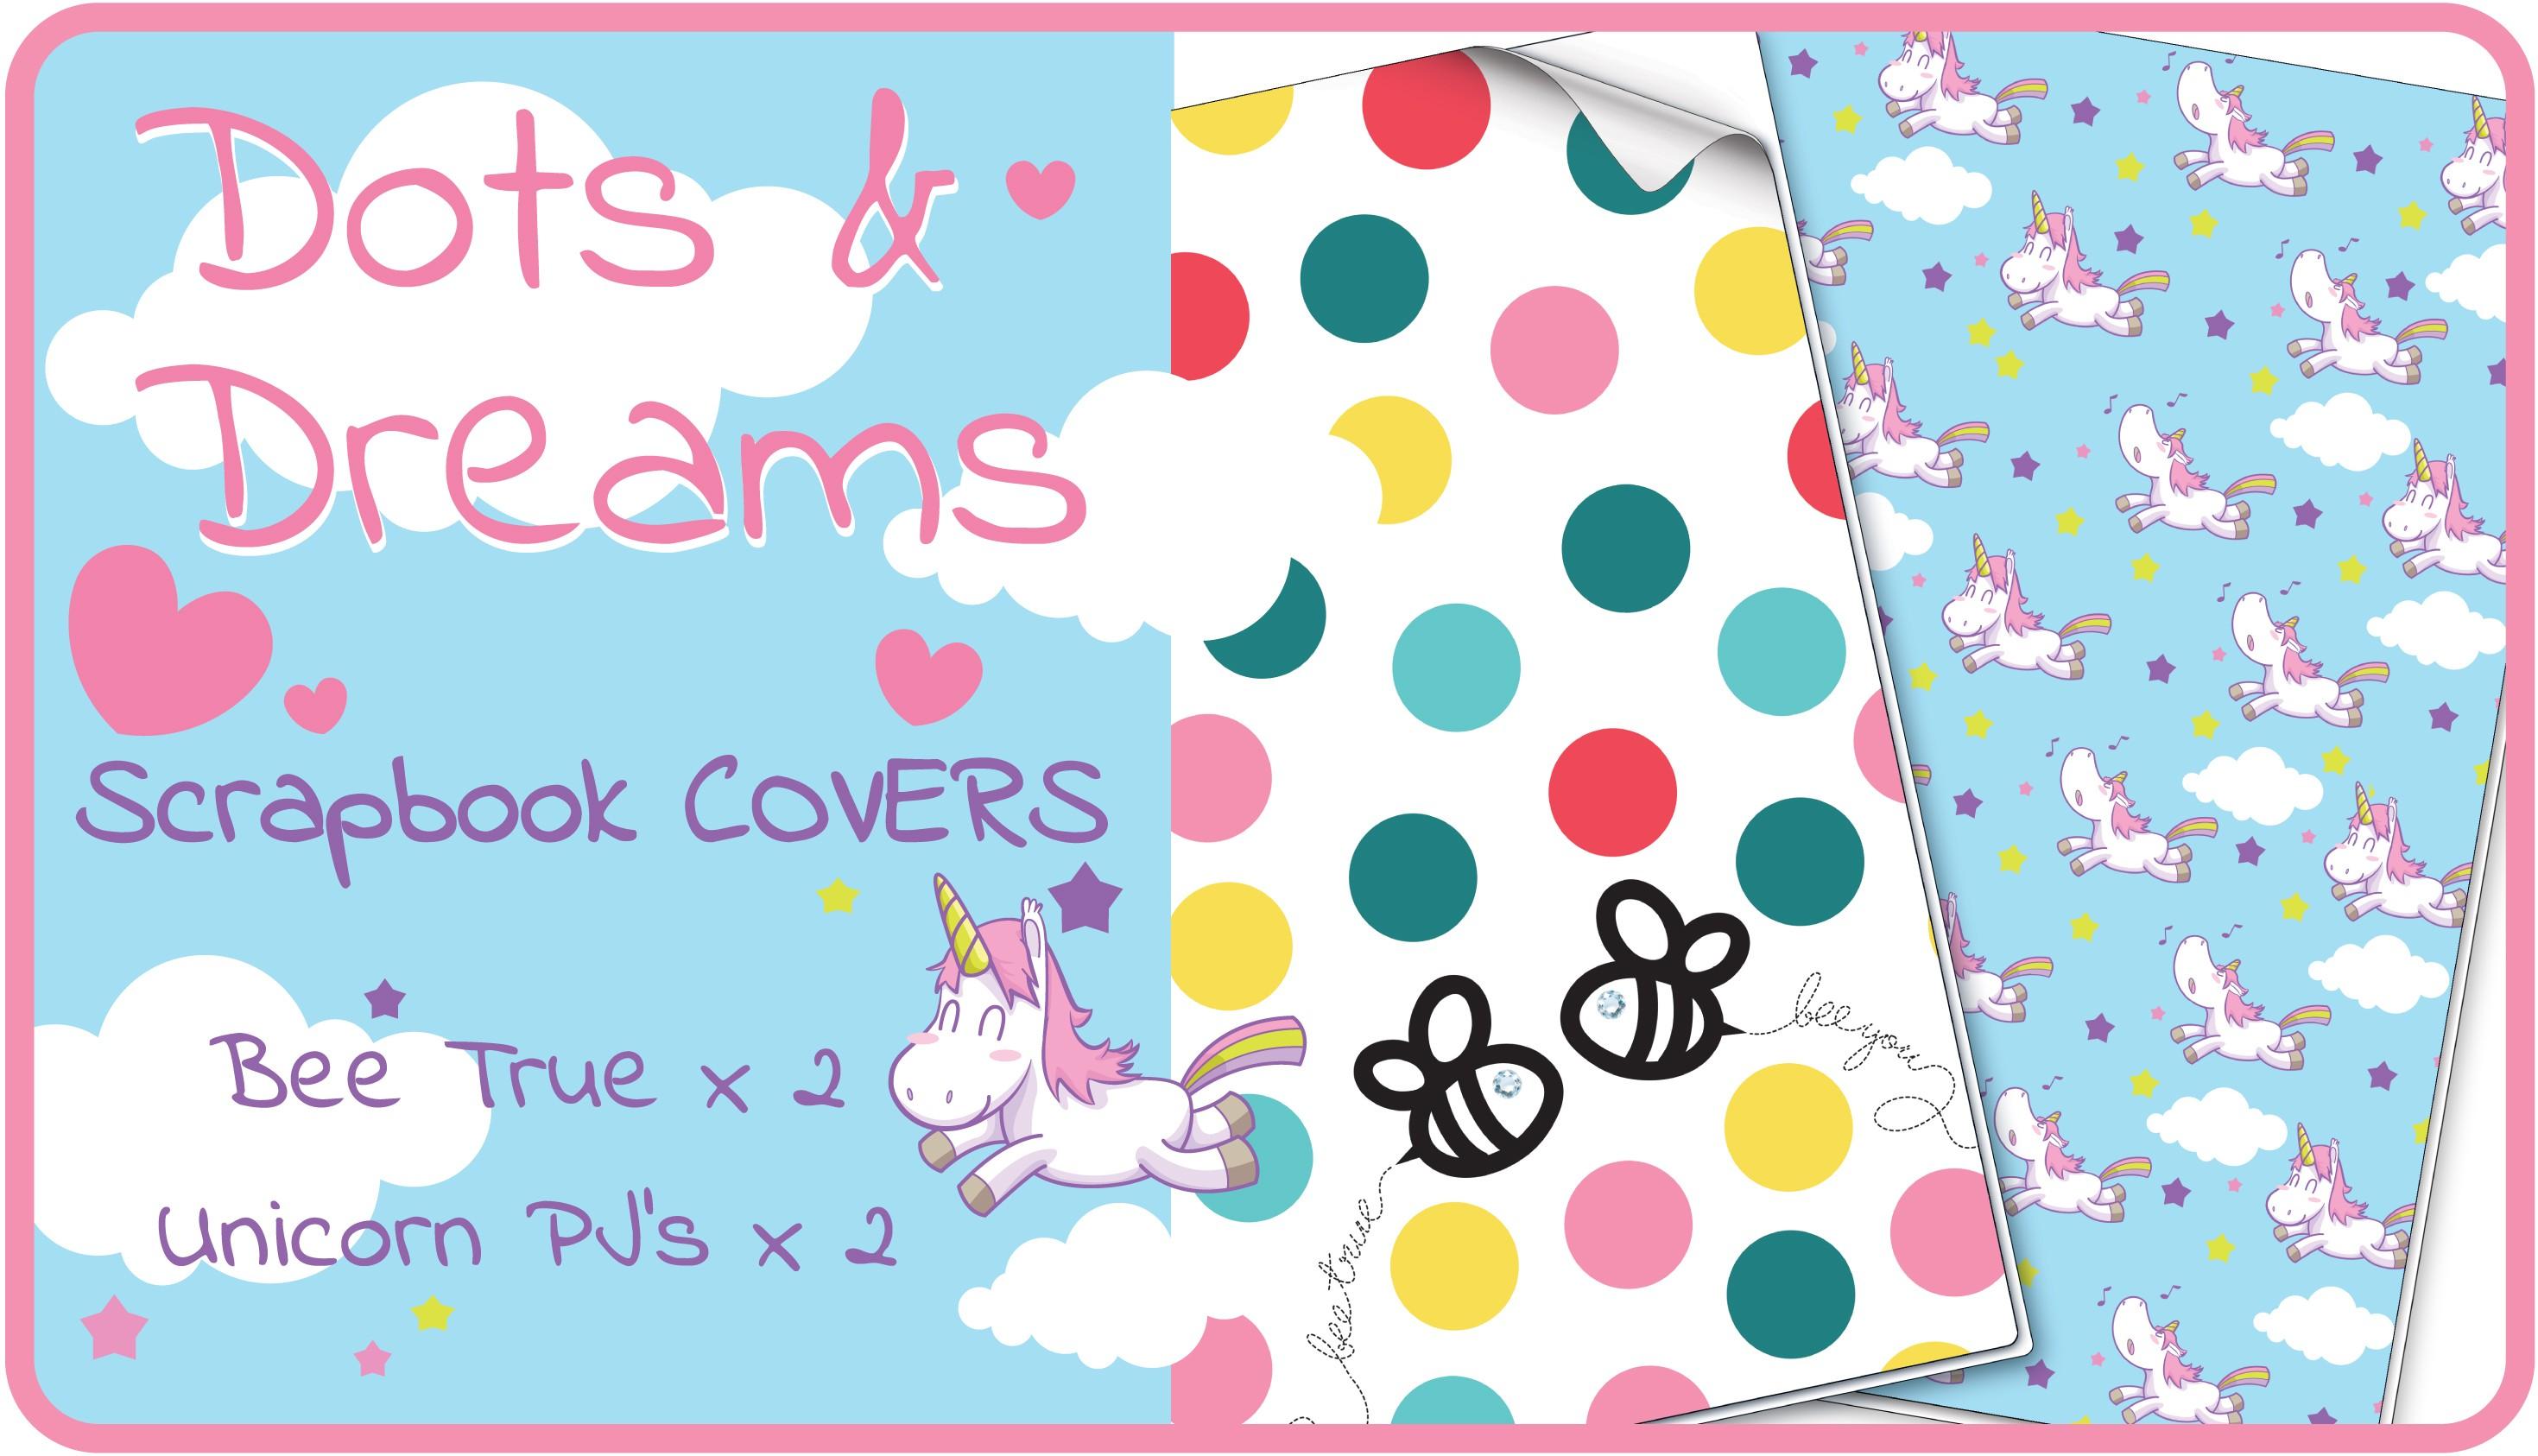 Dots & Dreams Scrapbook Cover Pack